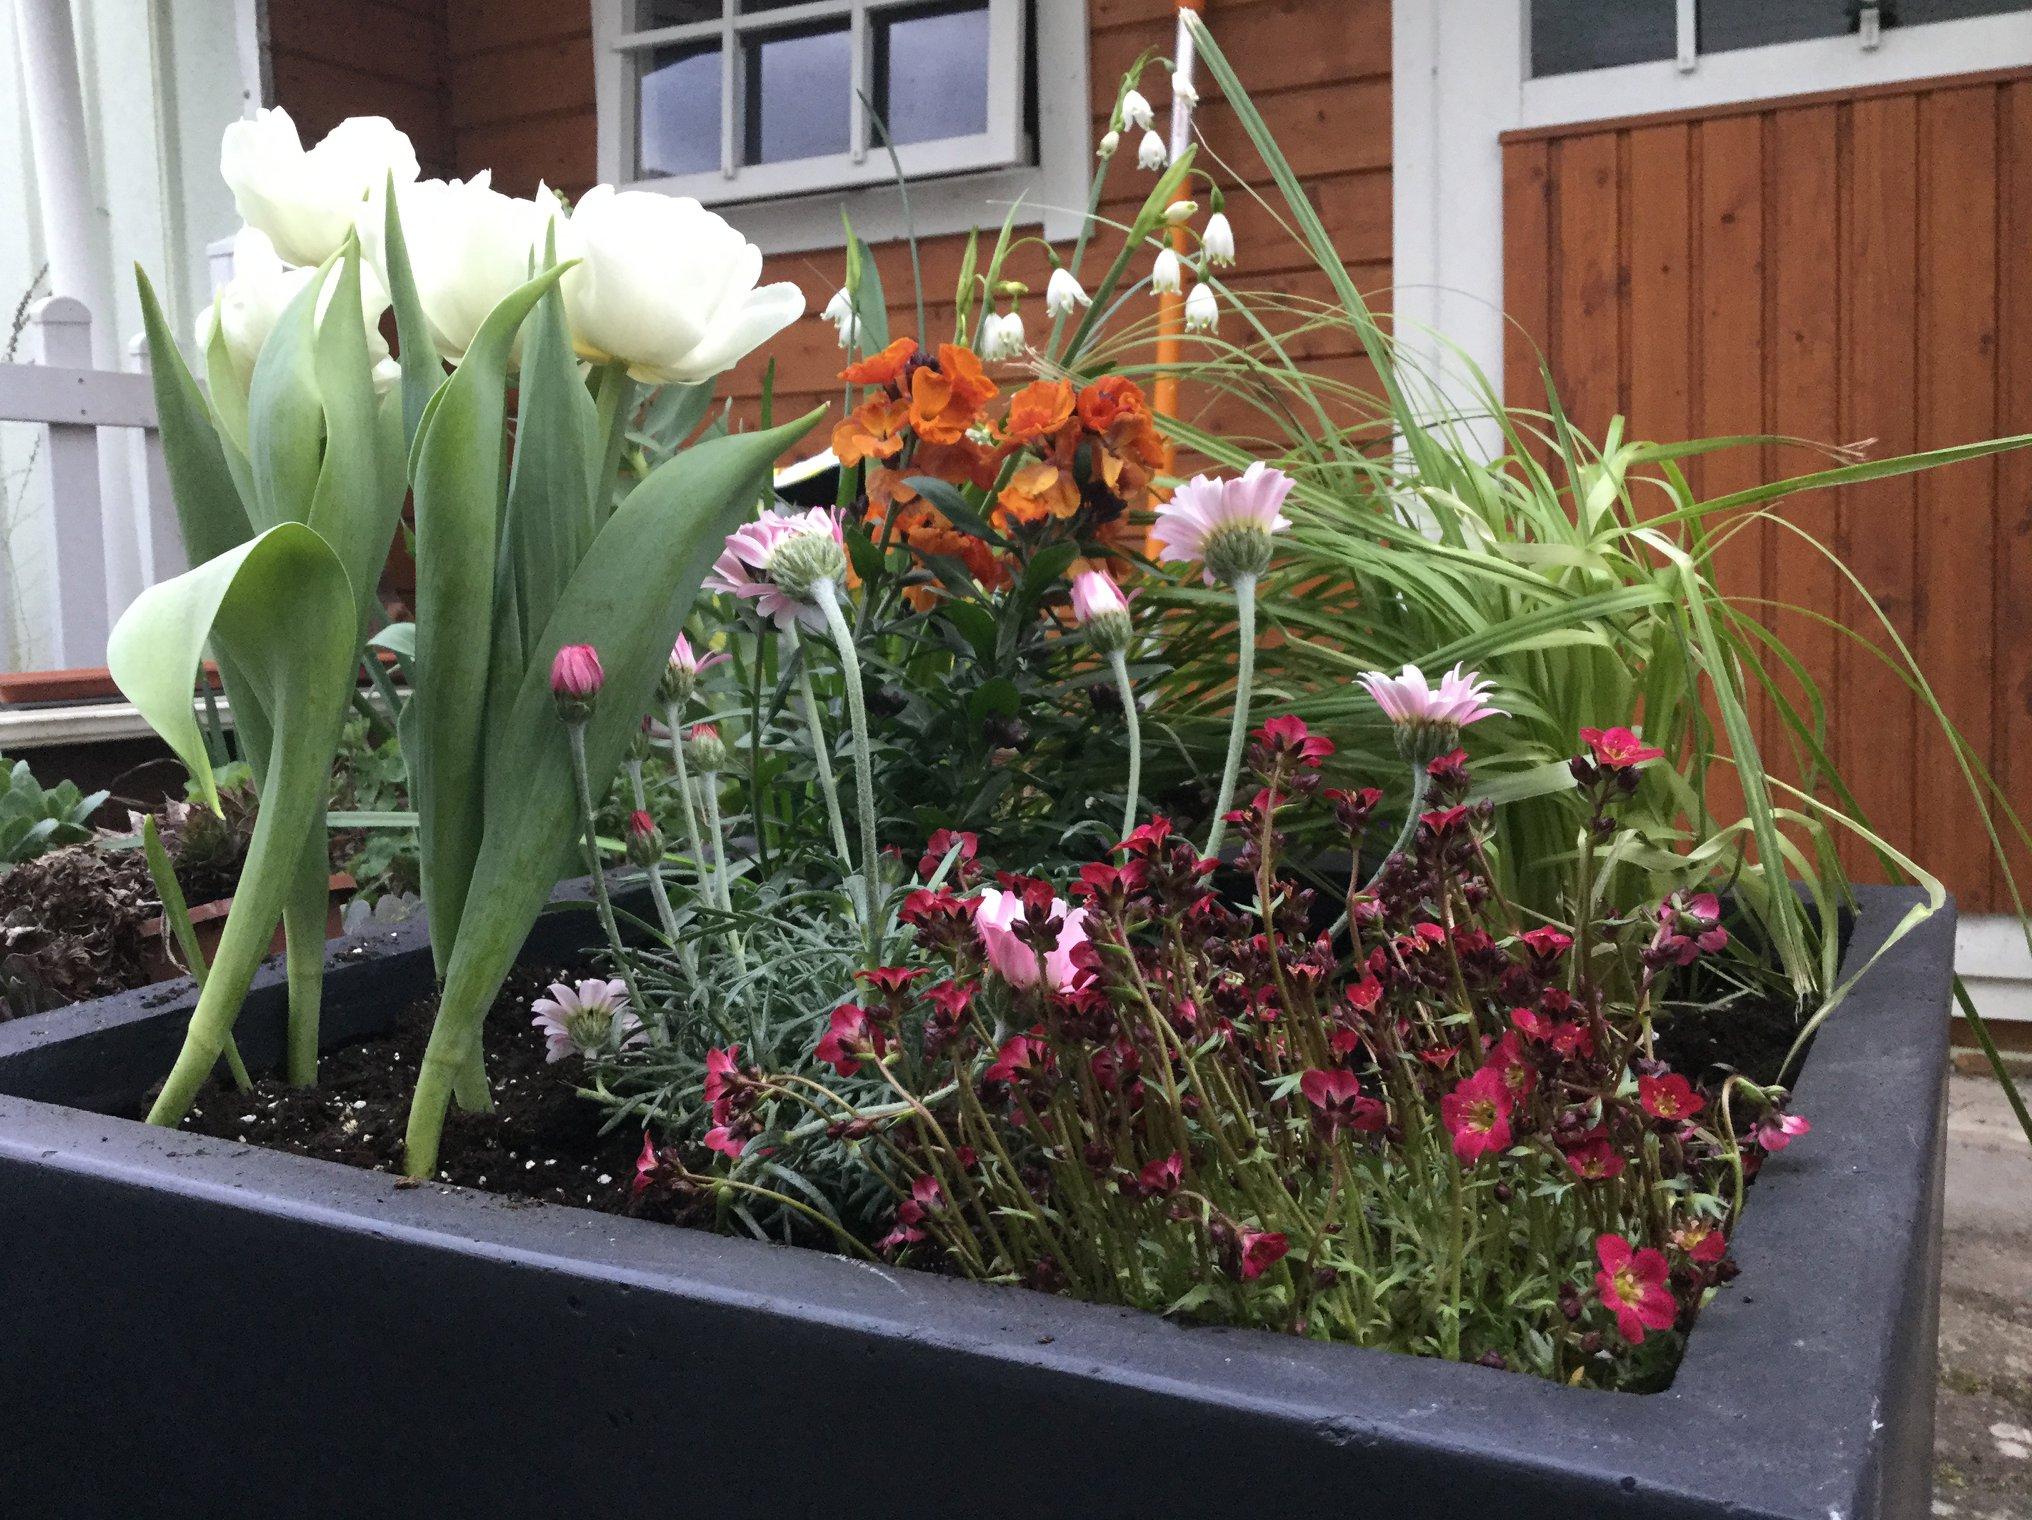 richtig bepflanzen beautiful hochbeet befllen with richtig bepflanzen affordable die ersten. Black Bedroom Furniture Sets. Home Design Ideas